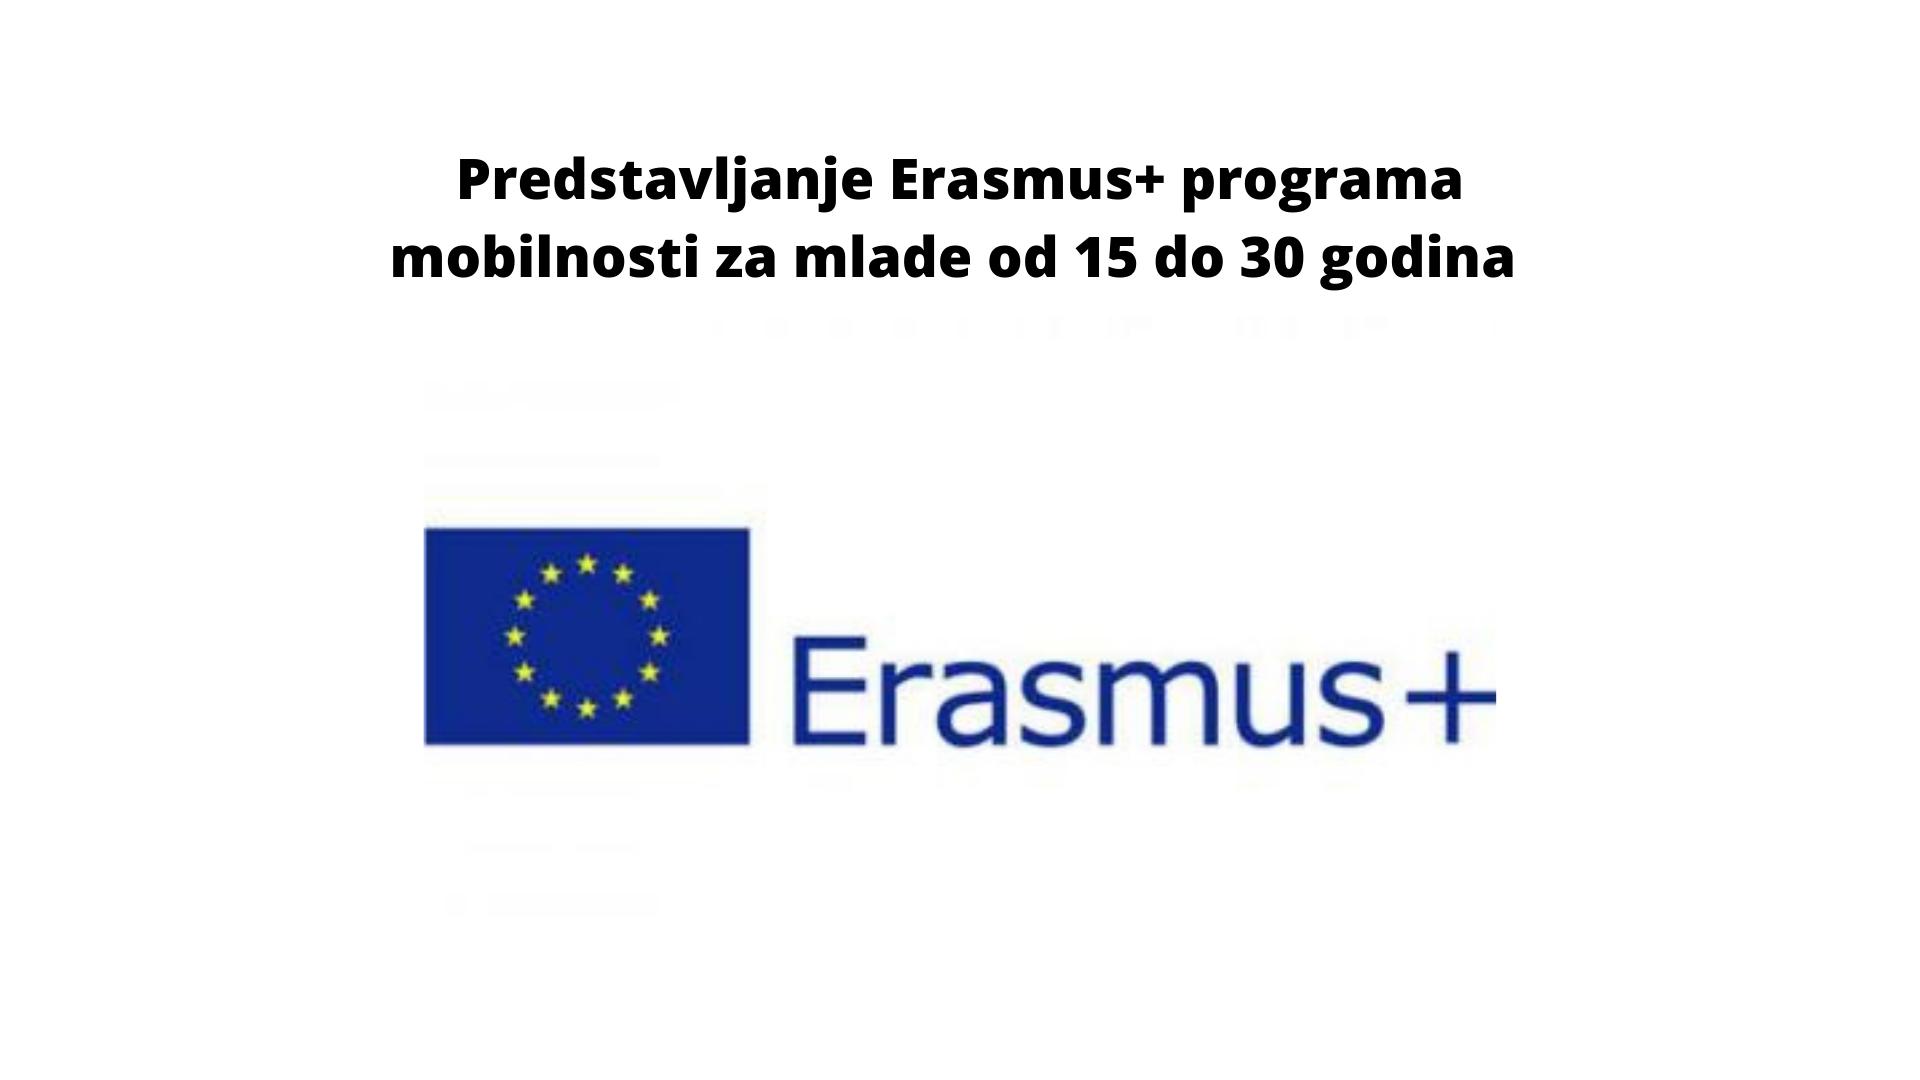 Predstavljanje Erasmus+ programa mobilnosti za mlade od 15 do 30 godina